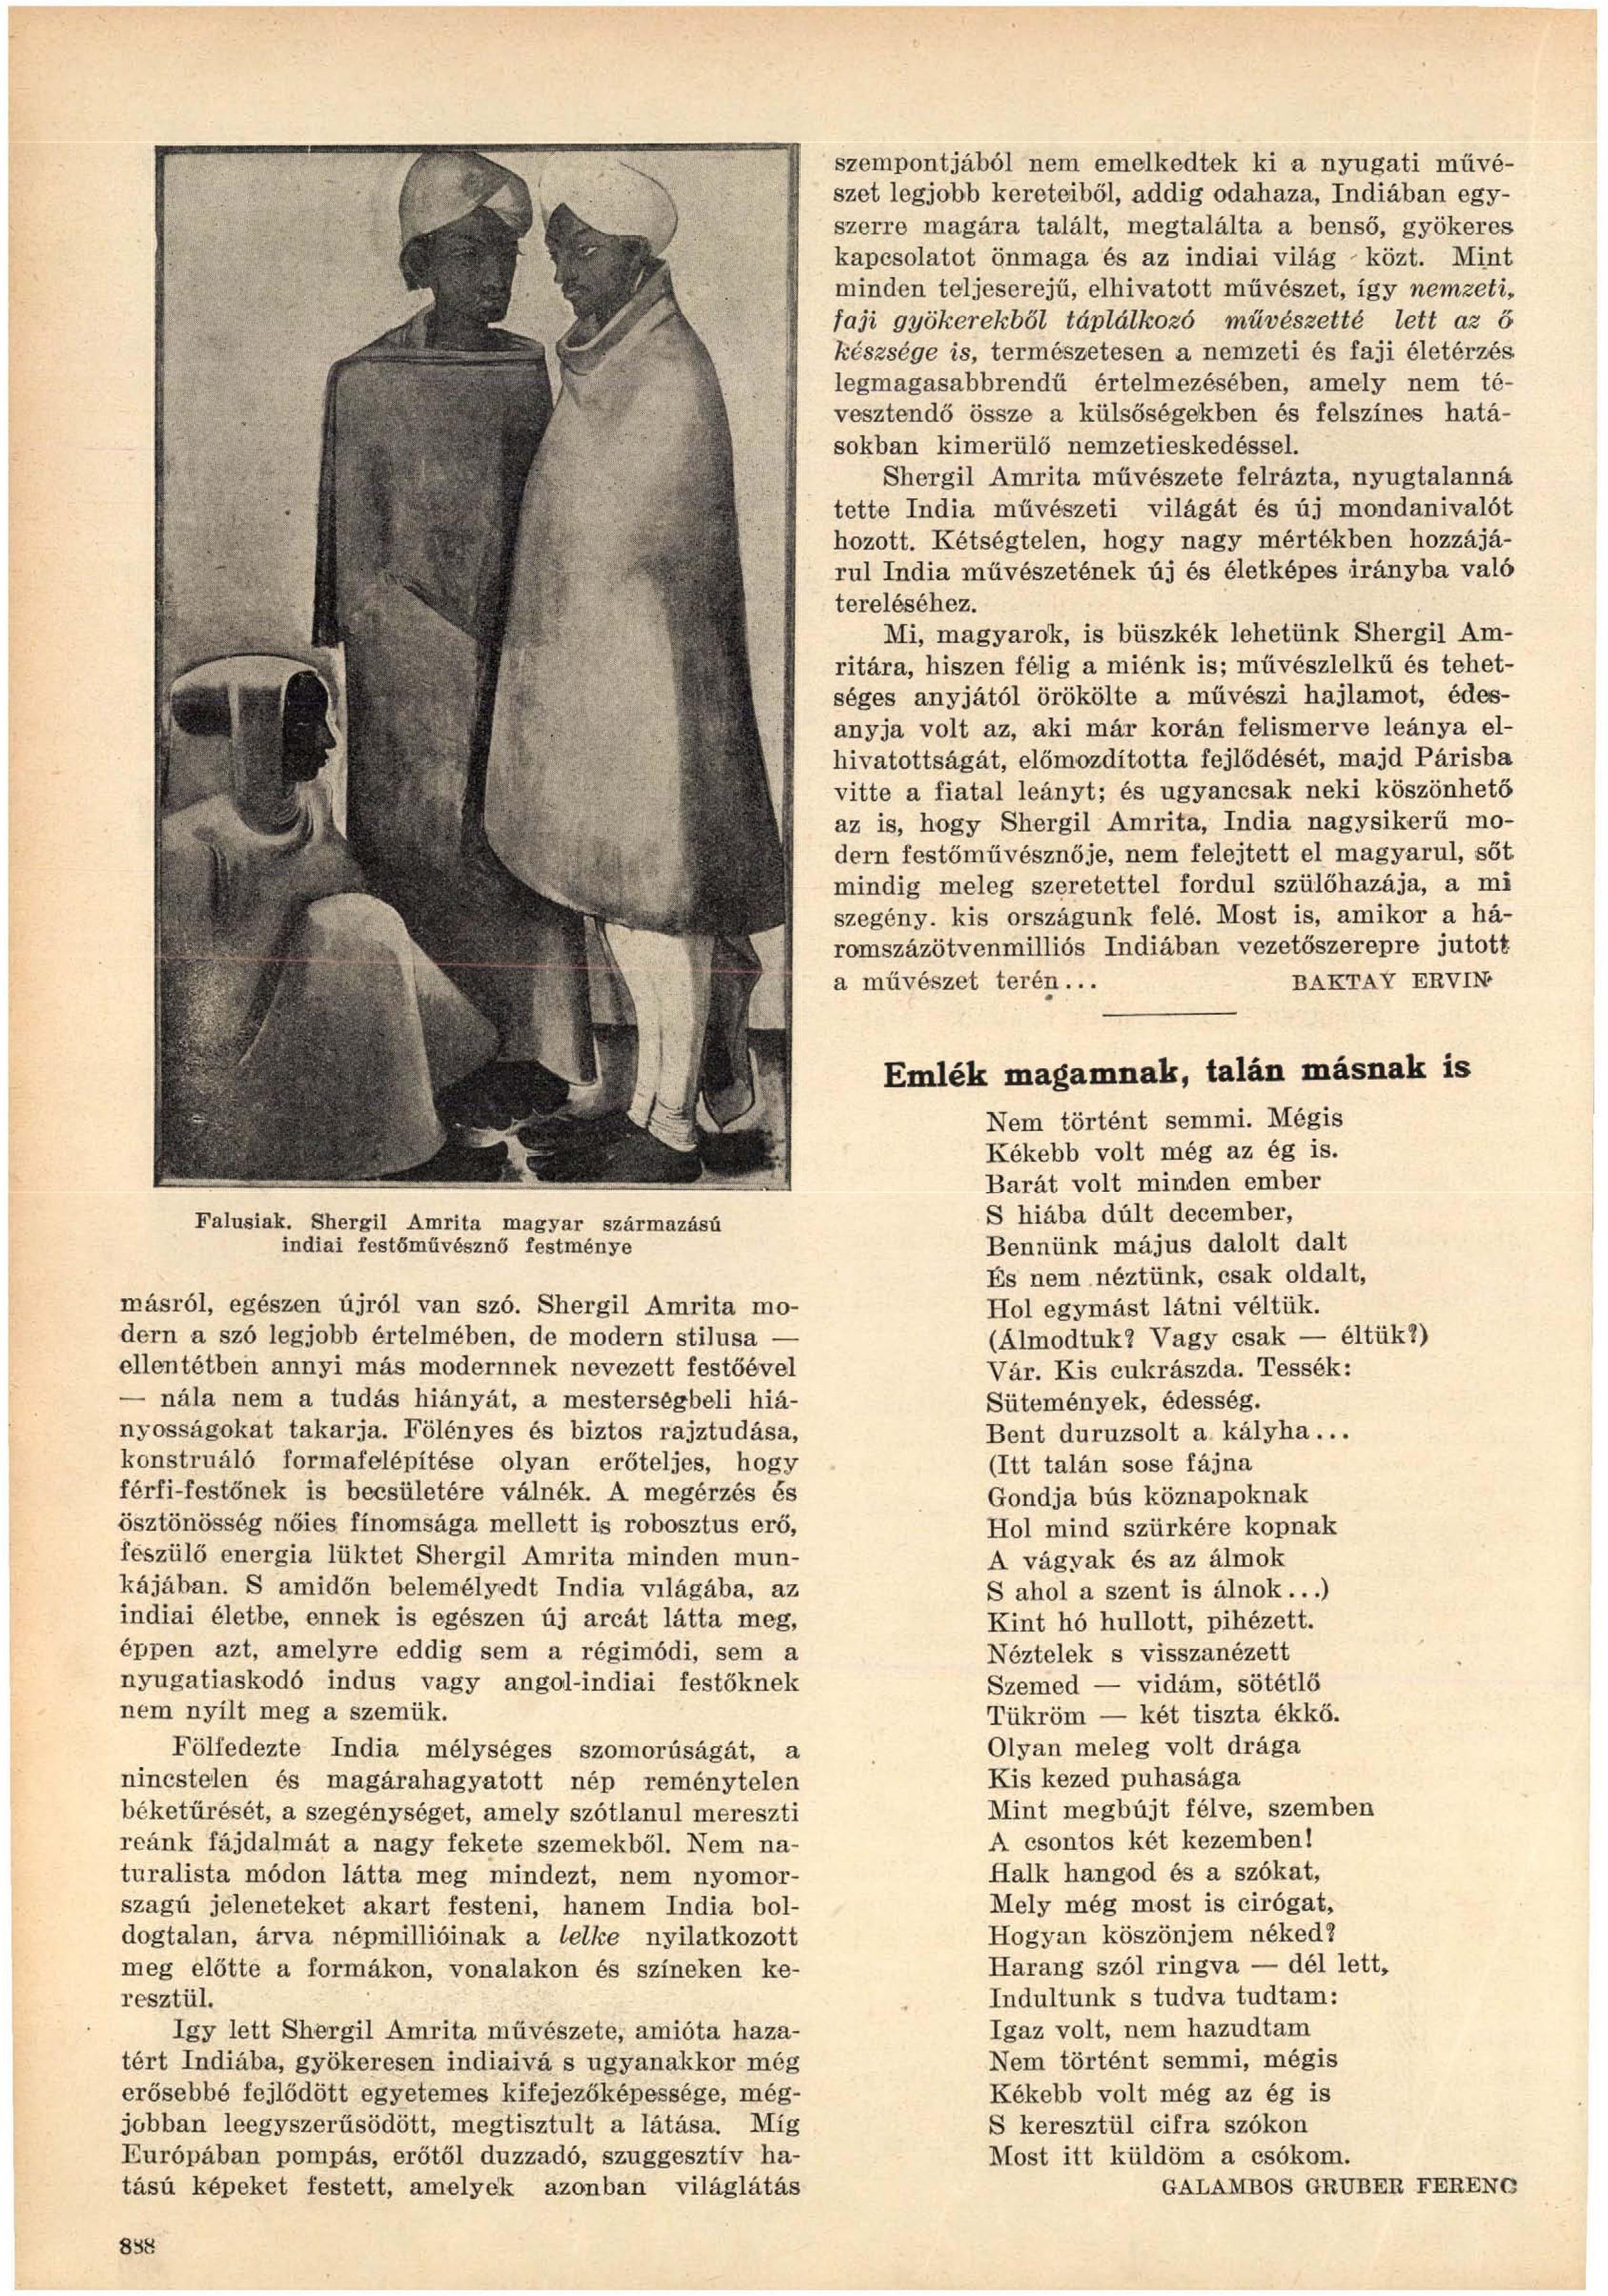 ujidok_1937_1_pages900-900.jpg